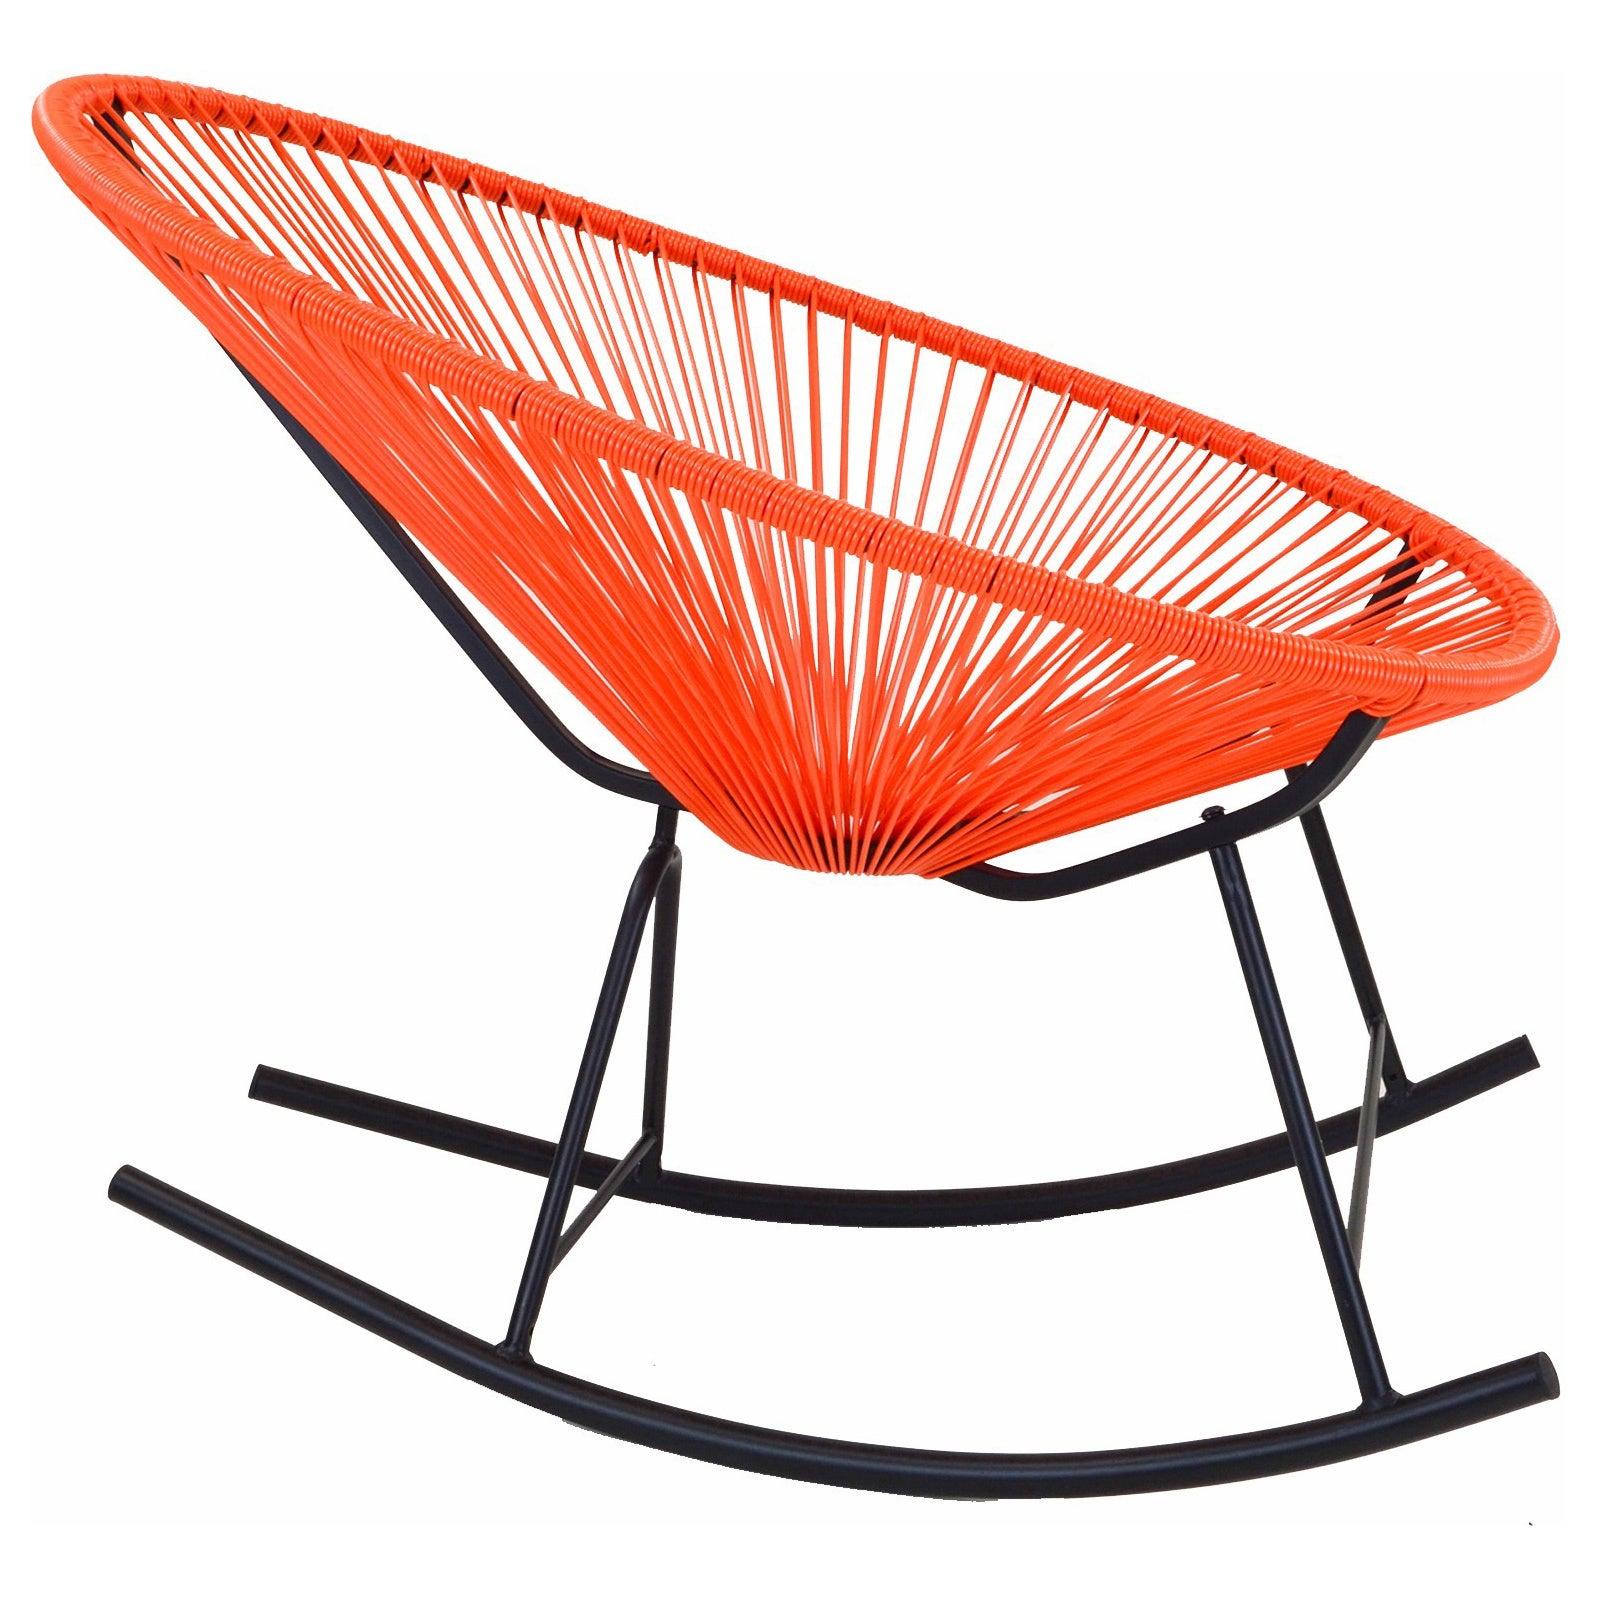 Acapulco Indoor/outdoor Rocking Chair In Orange Throughout Orange Rocking Chairs Lounge Chairs (View 2 of 20)